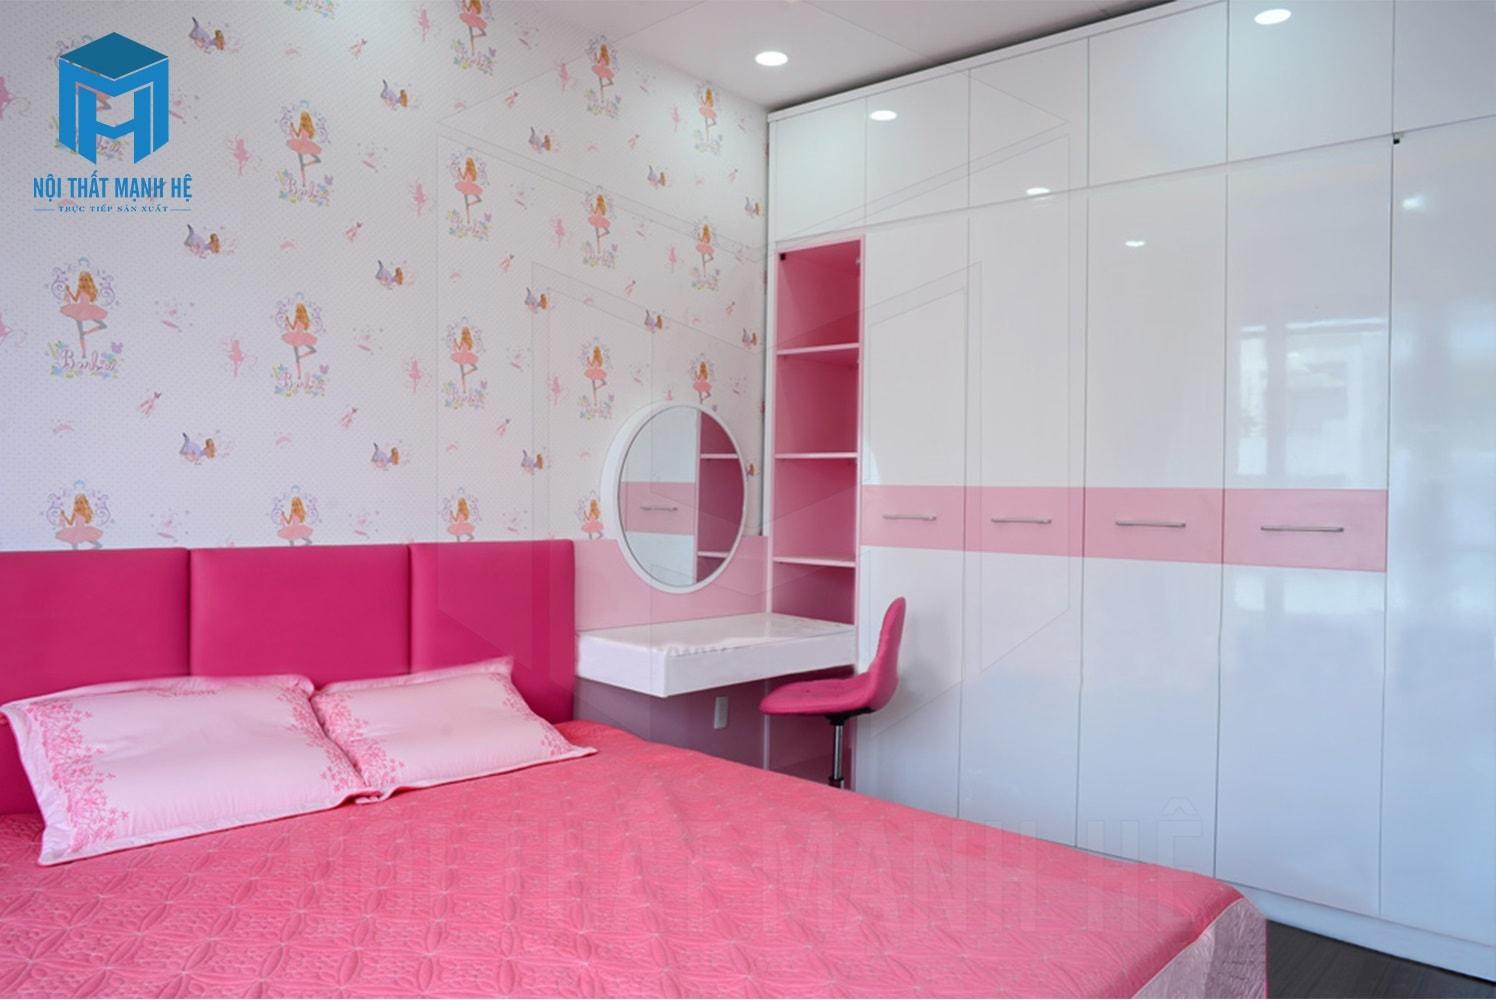 hoàn thiện nội thất phòng ngủ bé màu hồng